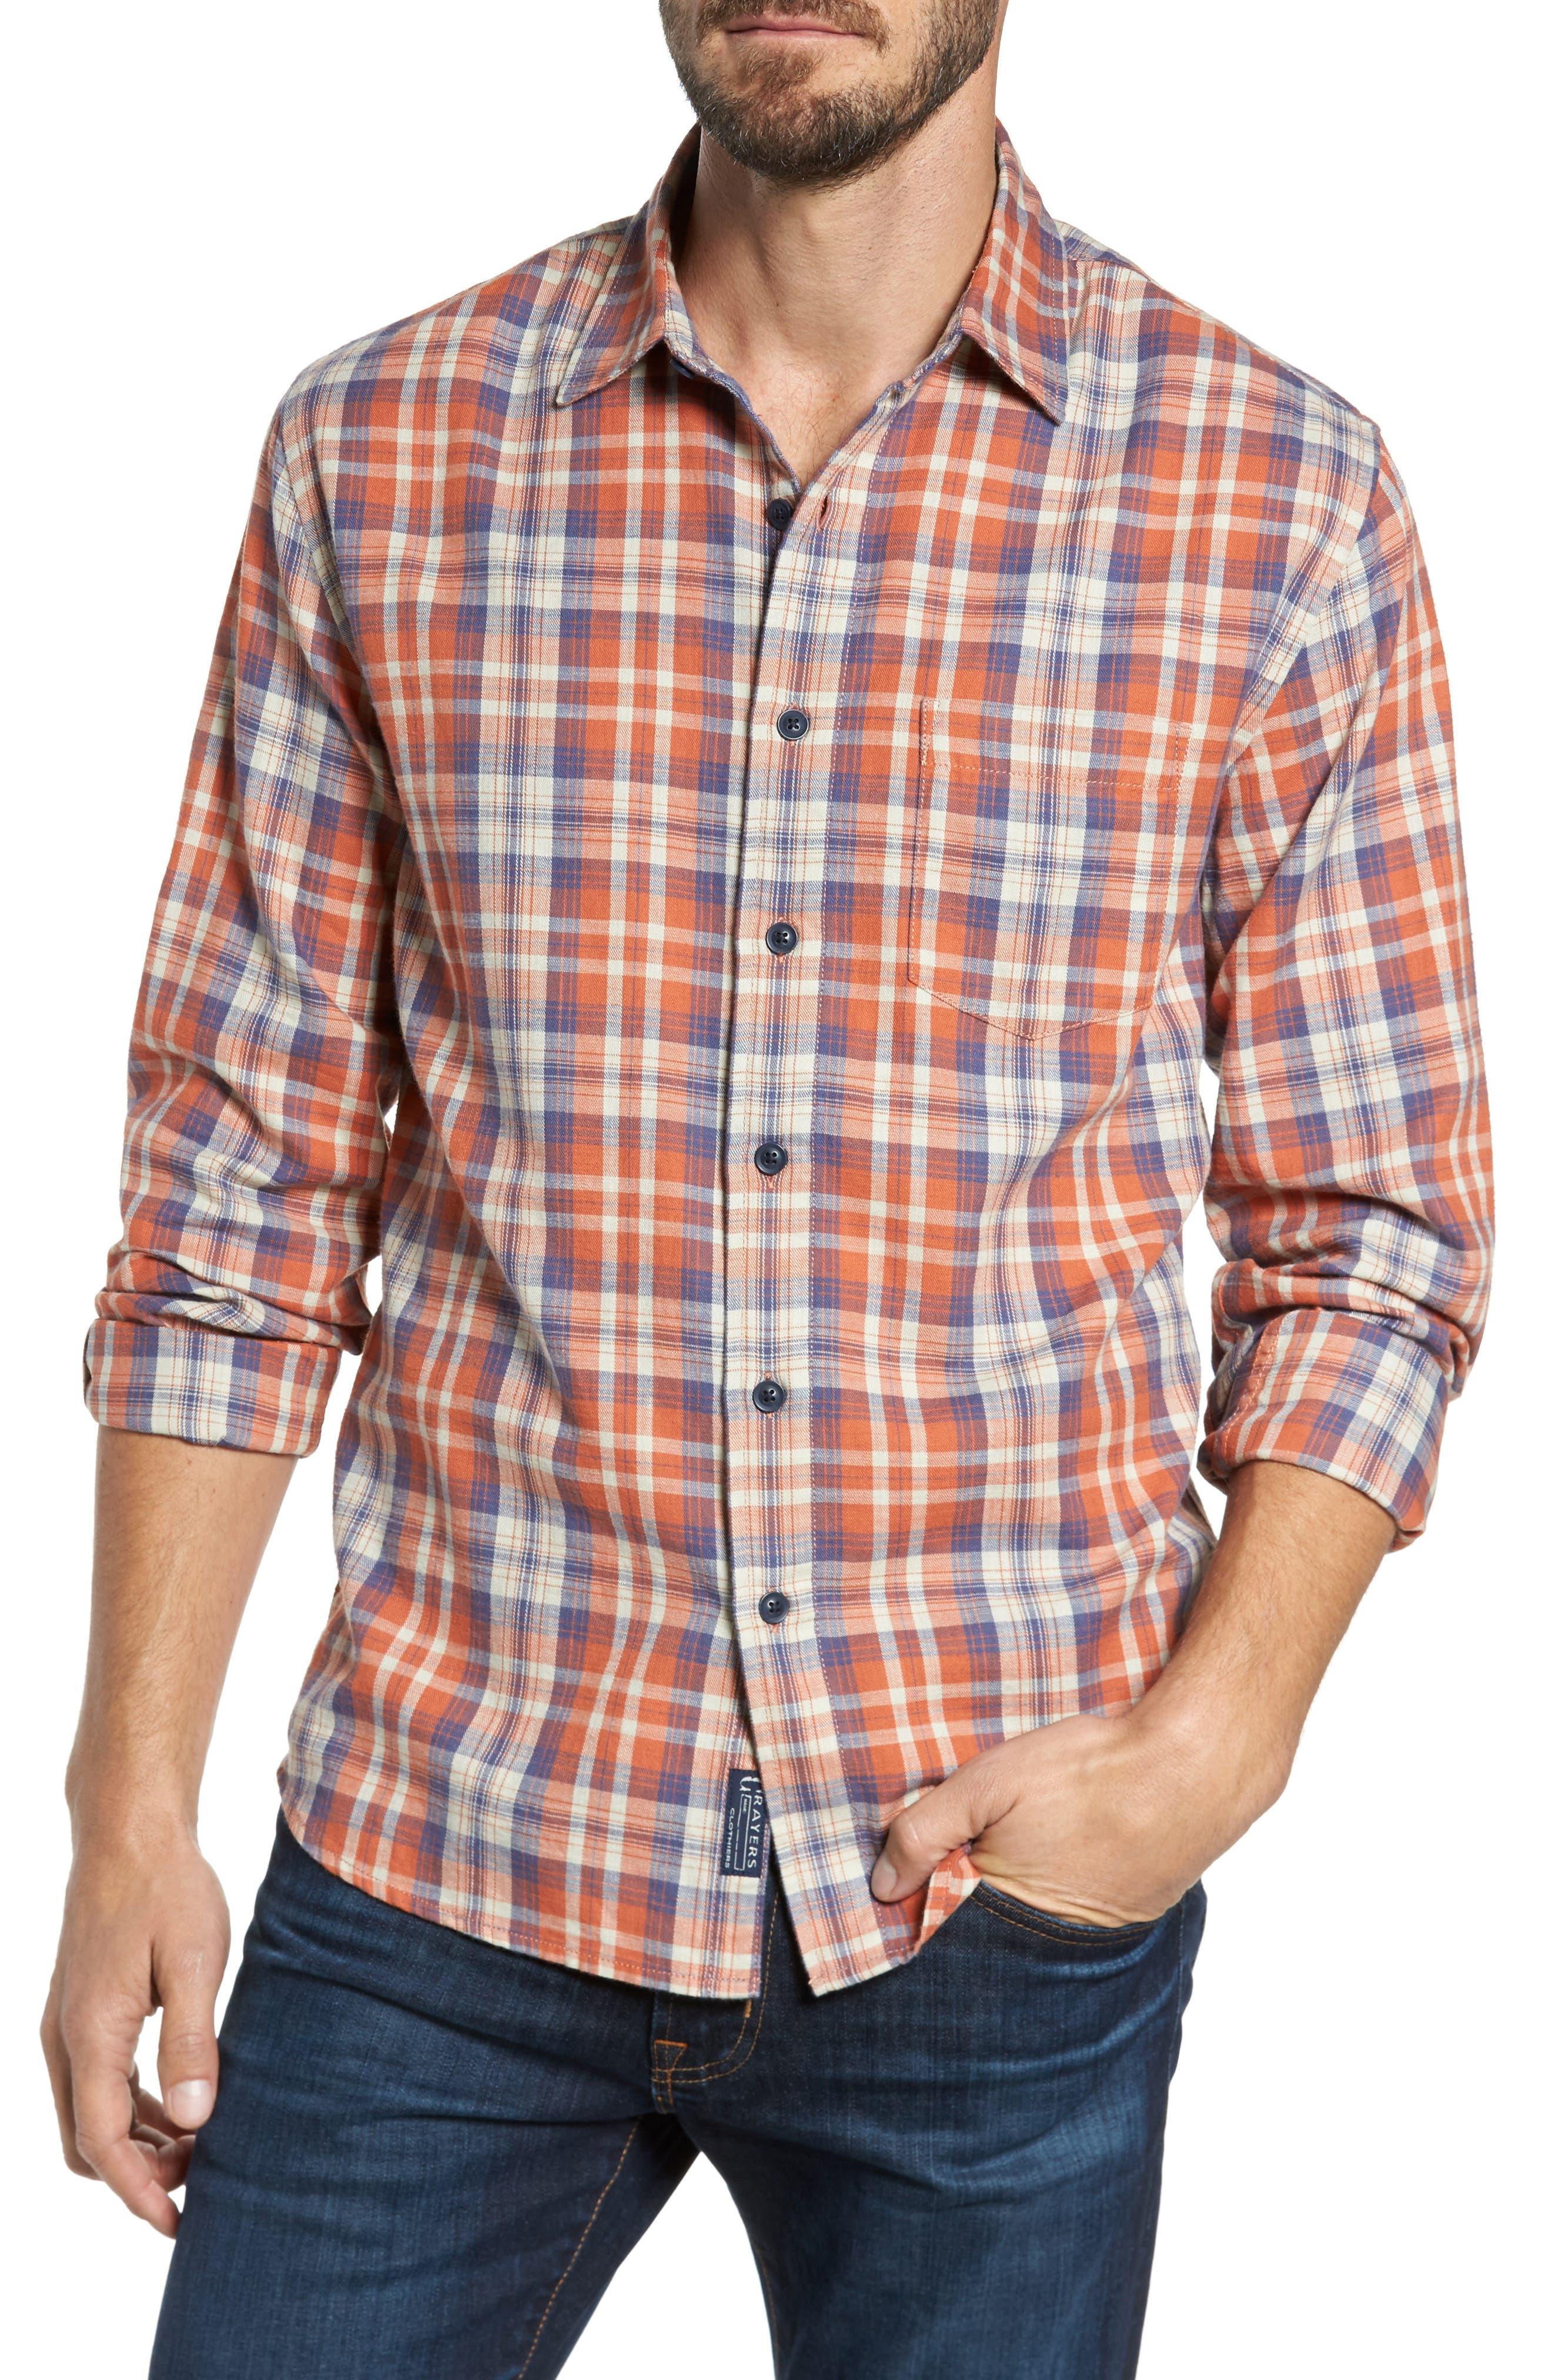 Scottsdale Slim Fit Plaid Slub Twill Sport Shirt,                             Main thumbnail 1, color,                             840